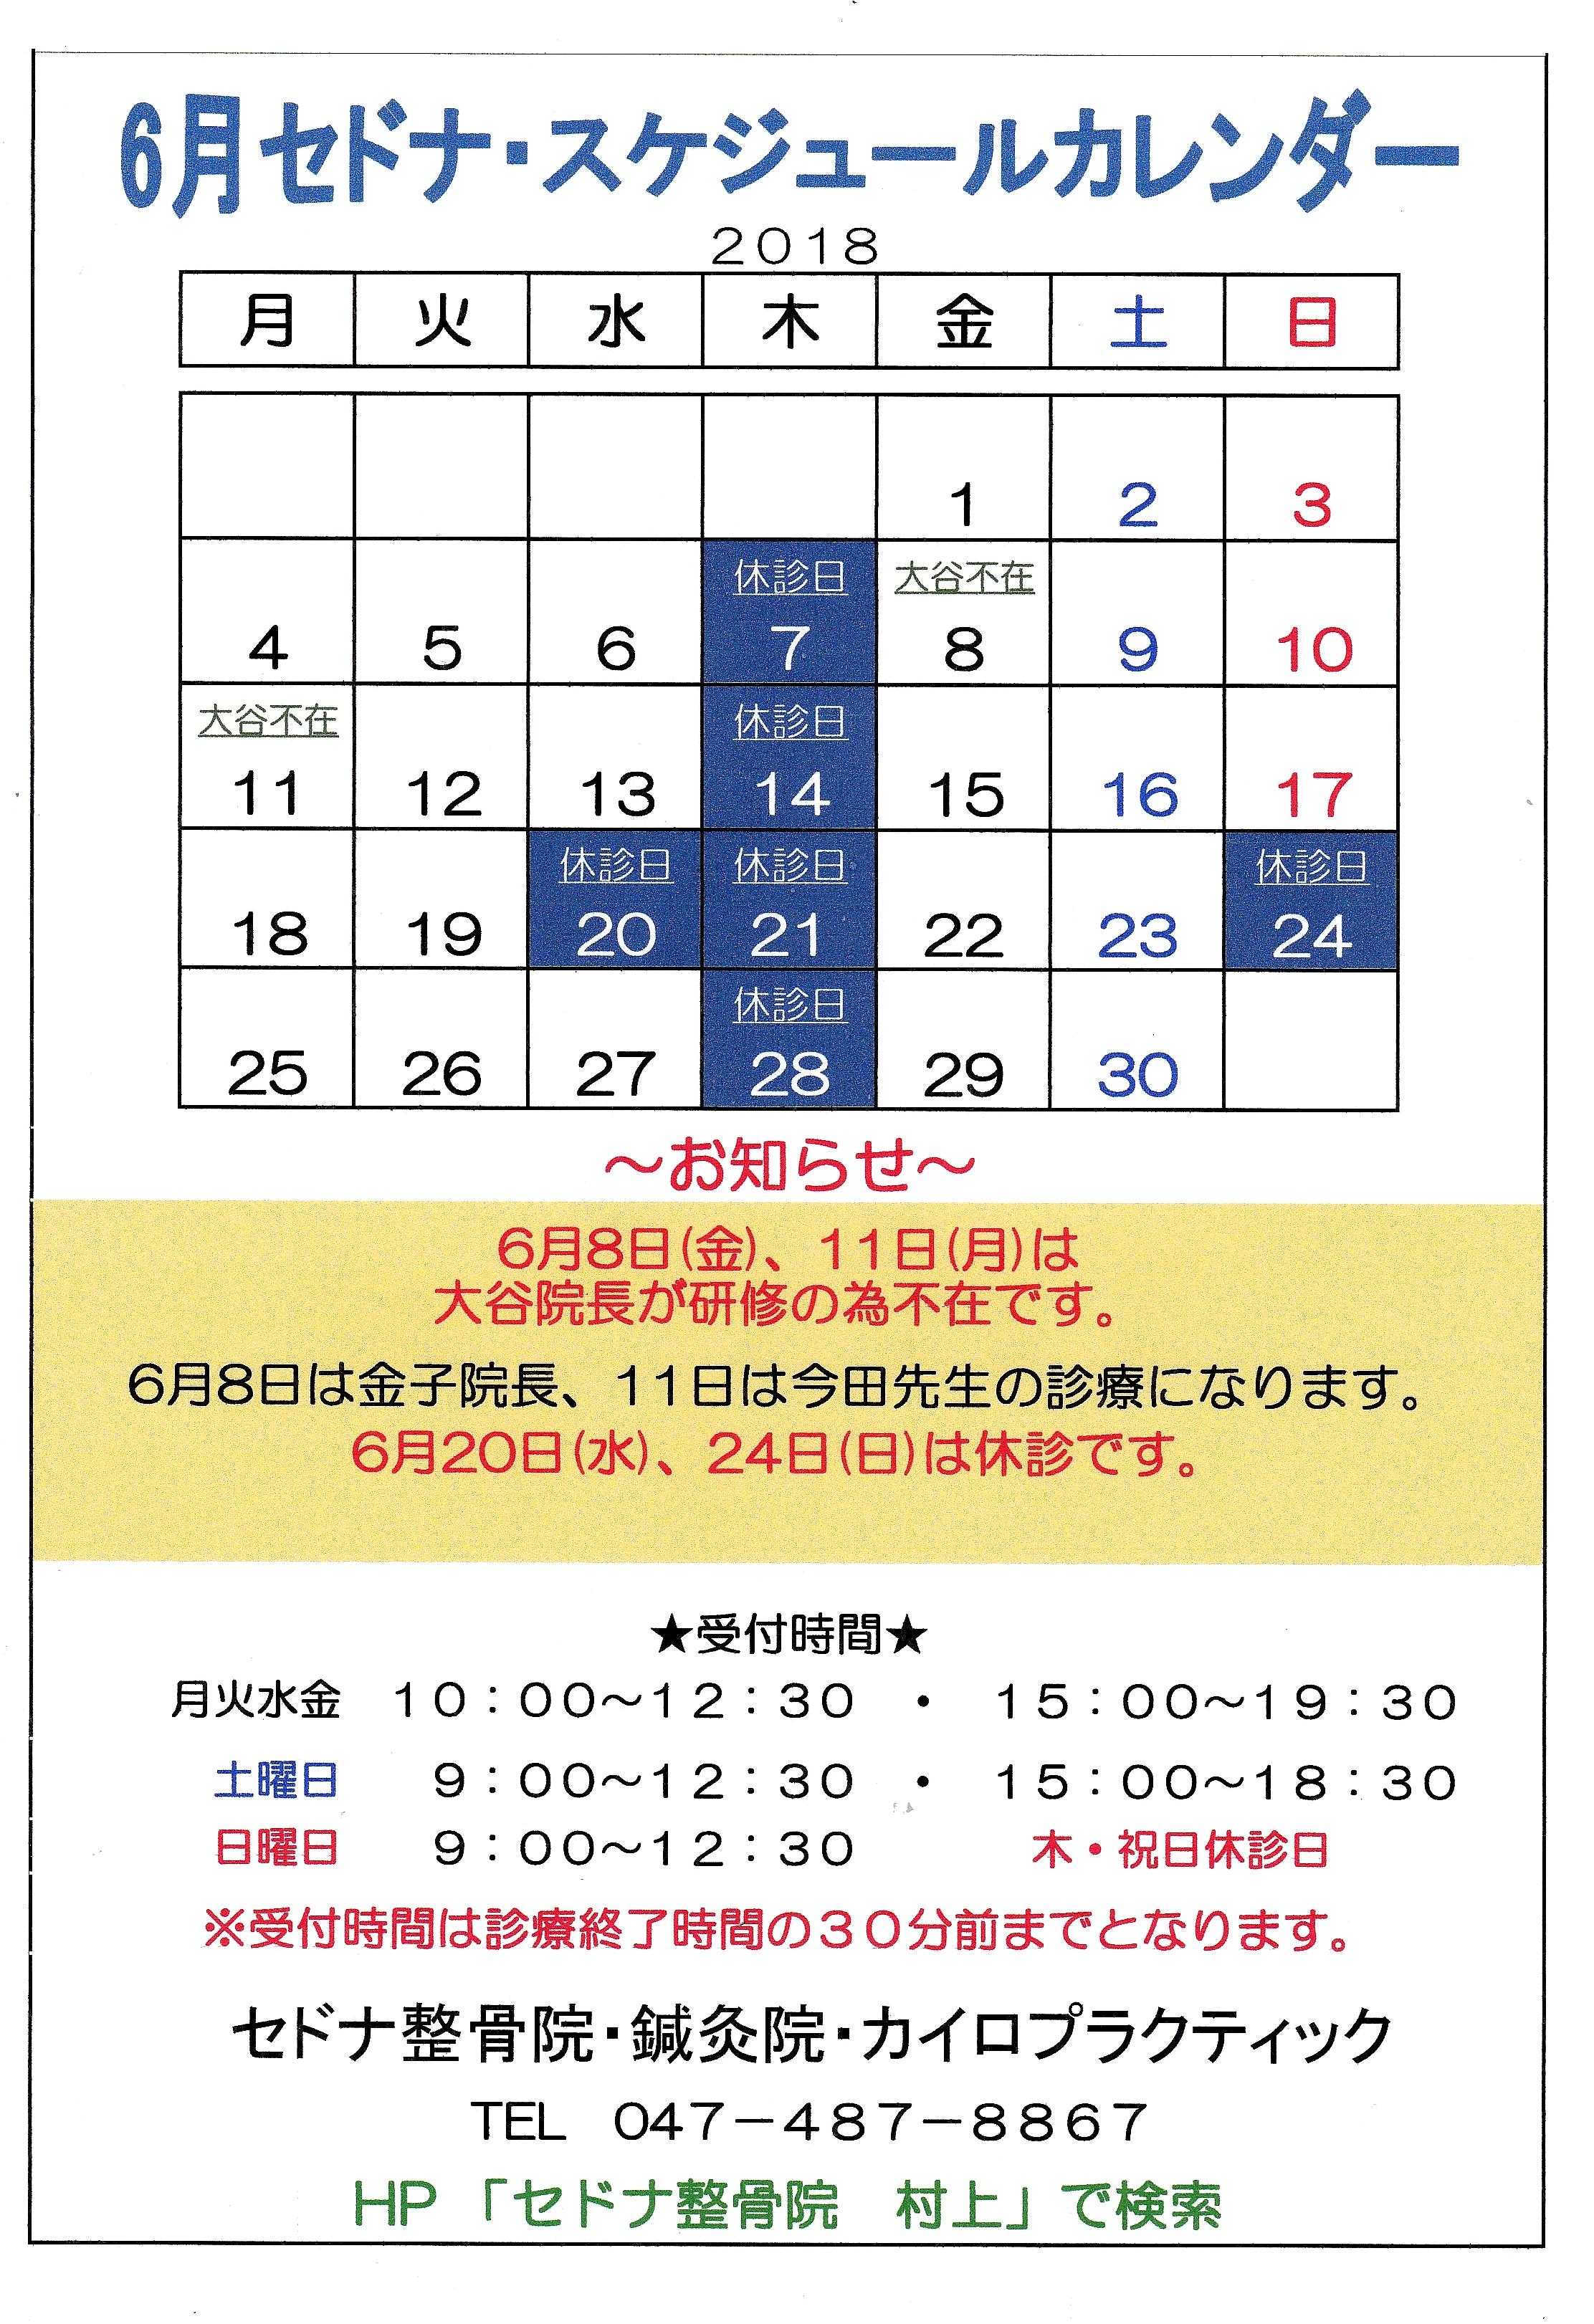 2018 スケカレ6月.jpg